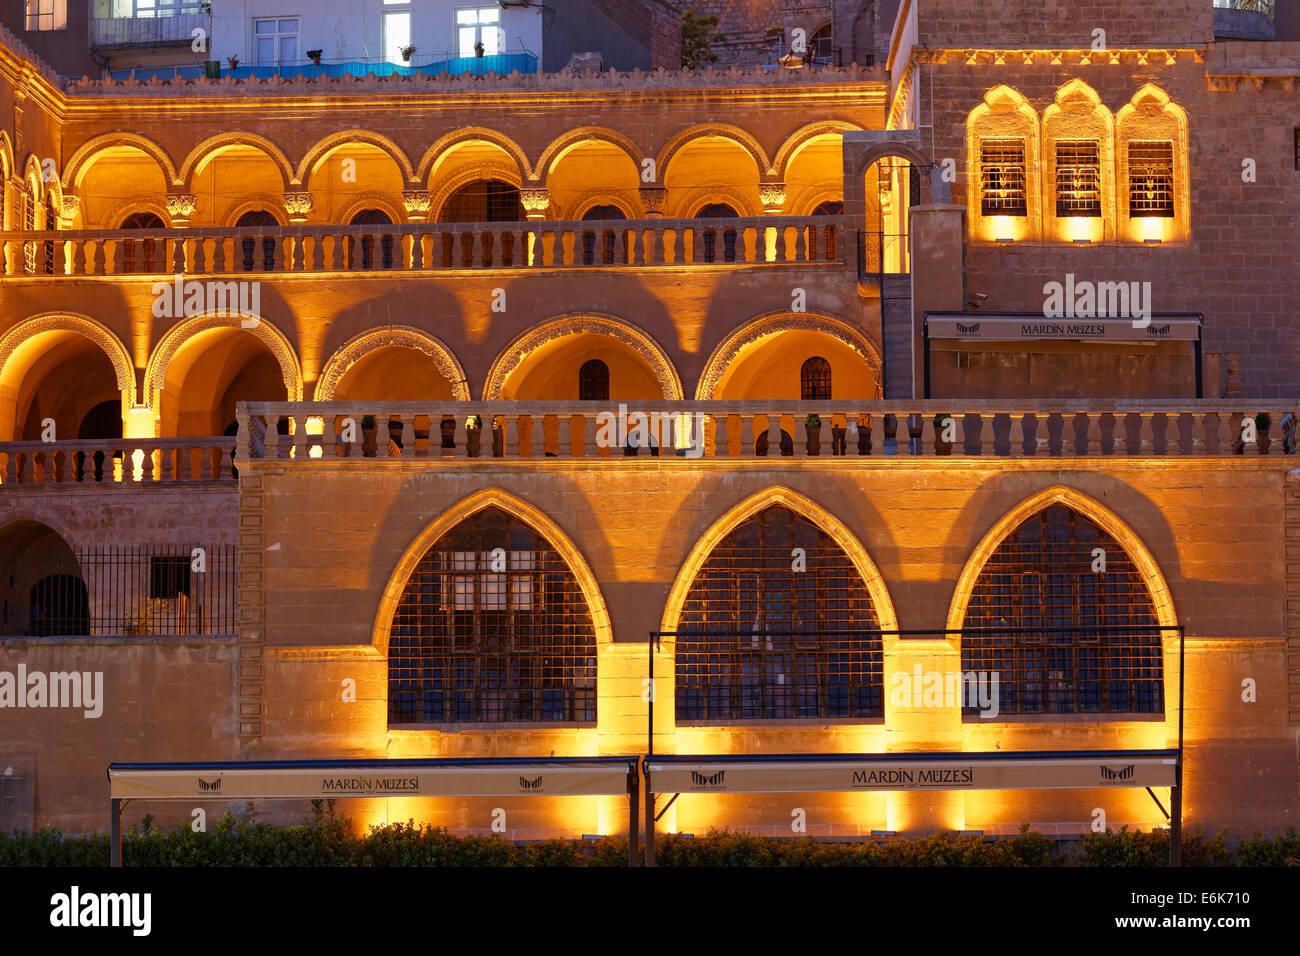 Mardin Museum, Mardin, Southeastern Anatolia Region, Anatolia, Turkey - Stock Image